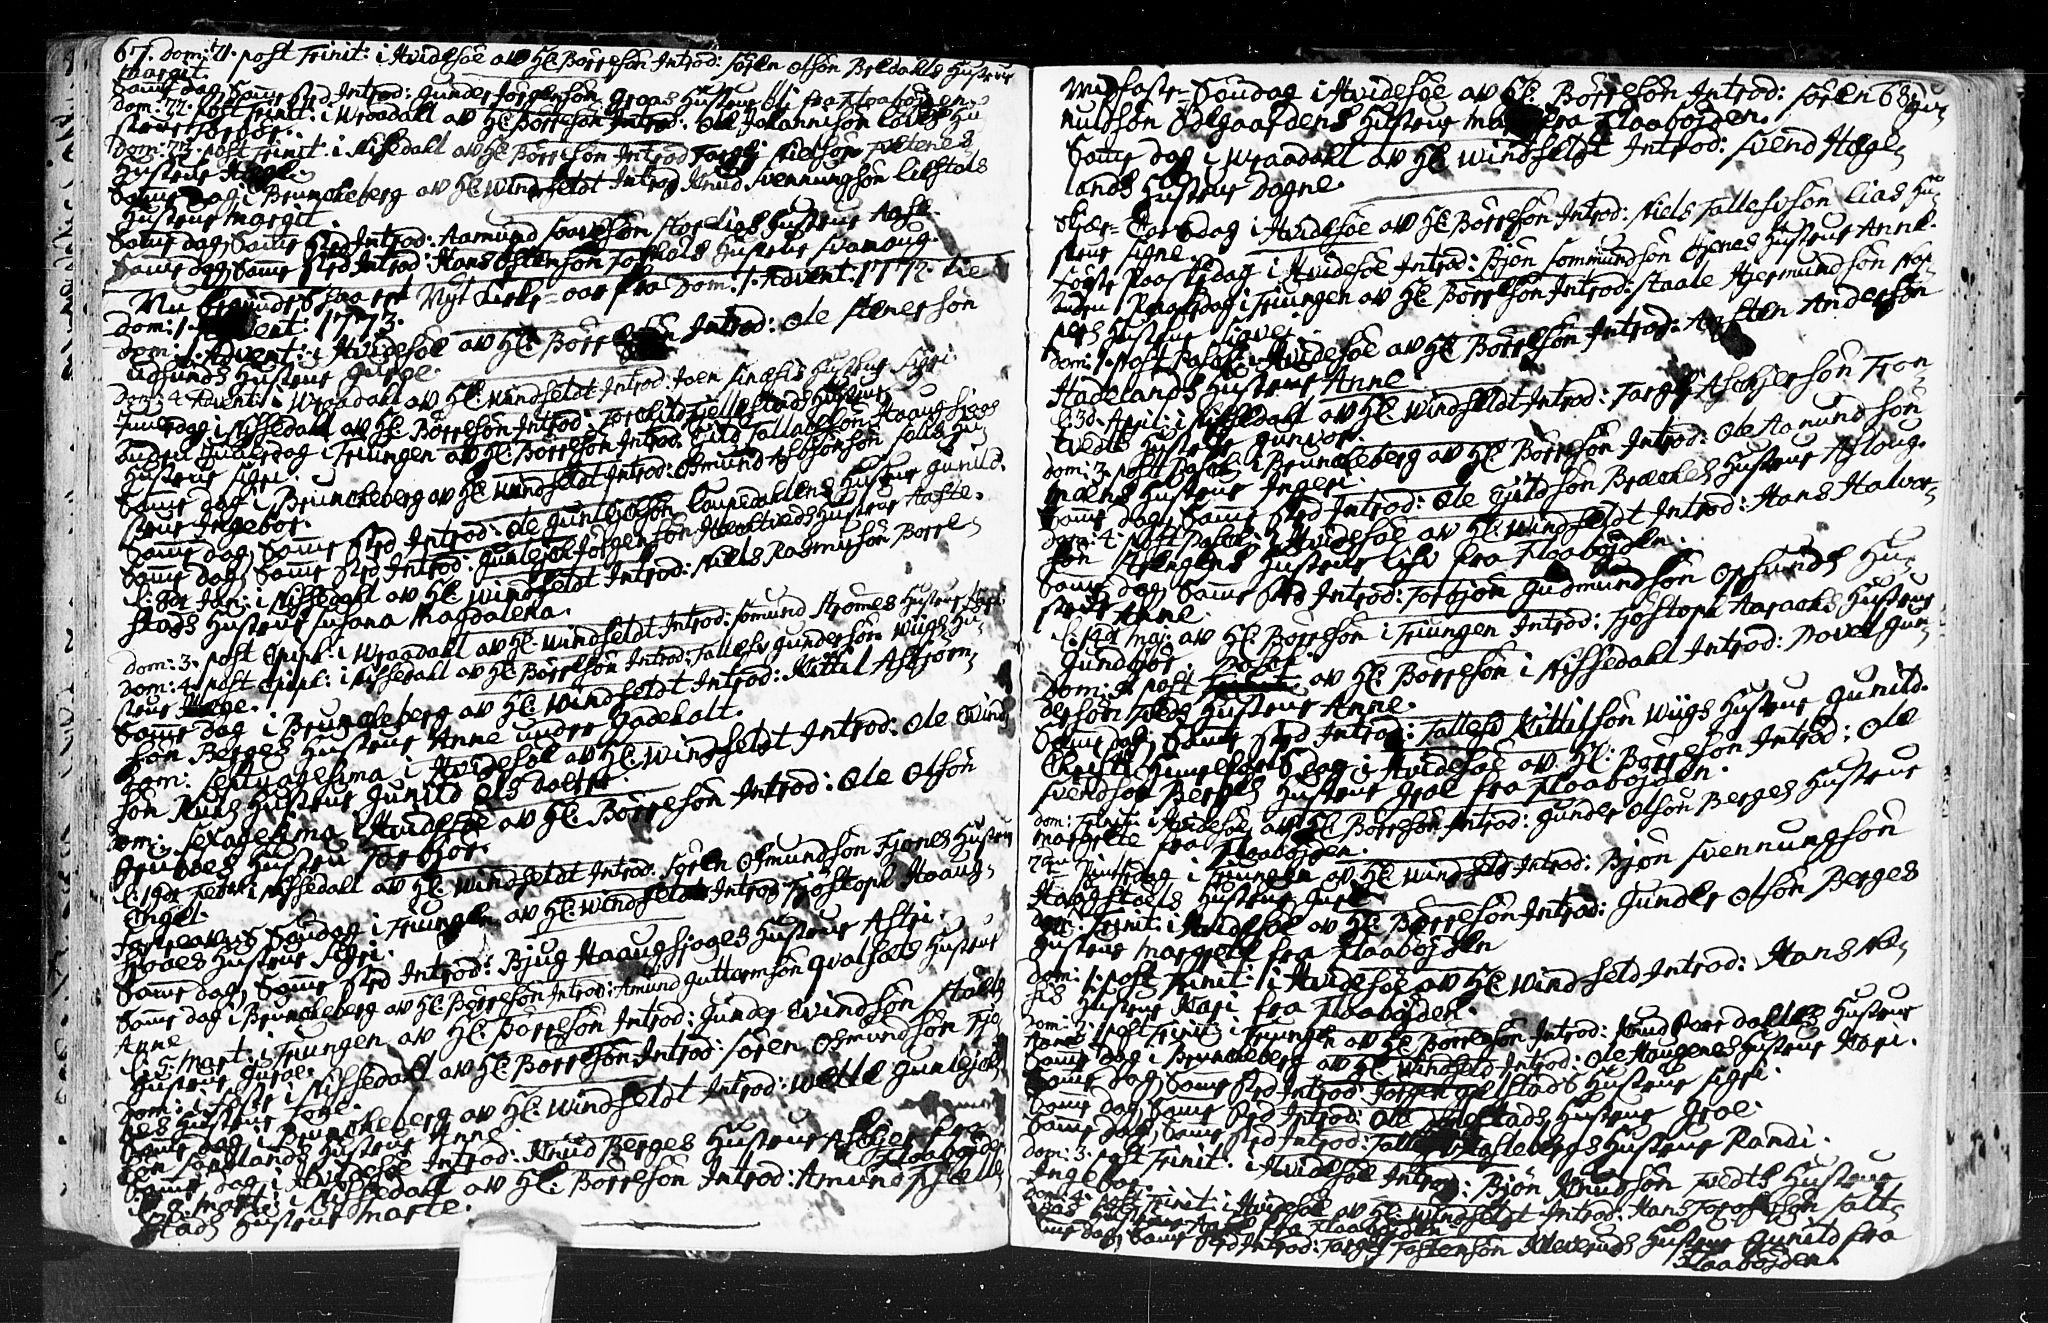 SAKO, Kviteseid kirkebøker, F/Fa/L0001: Ministerialbok nr. I 1, 1754-1773, s. 67-68